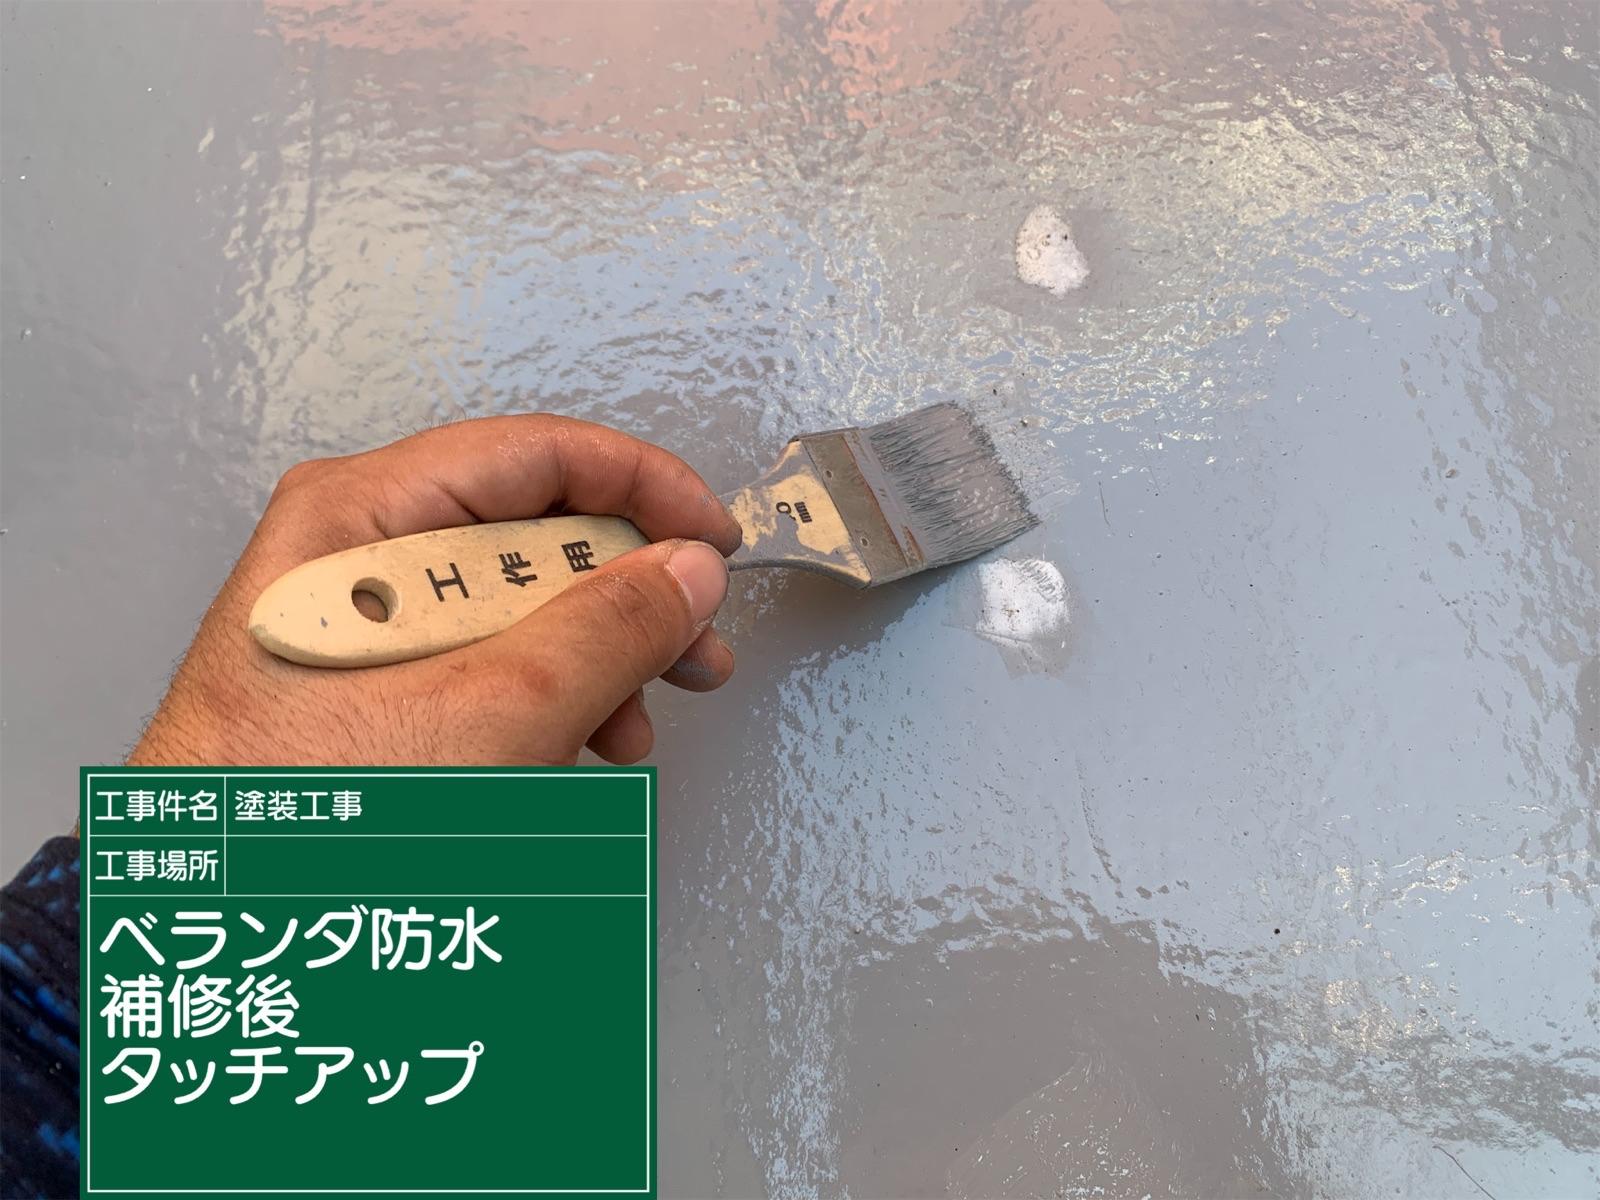 タッチアップベランダ防水補修後(2)300016